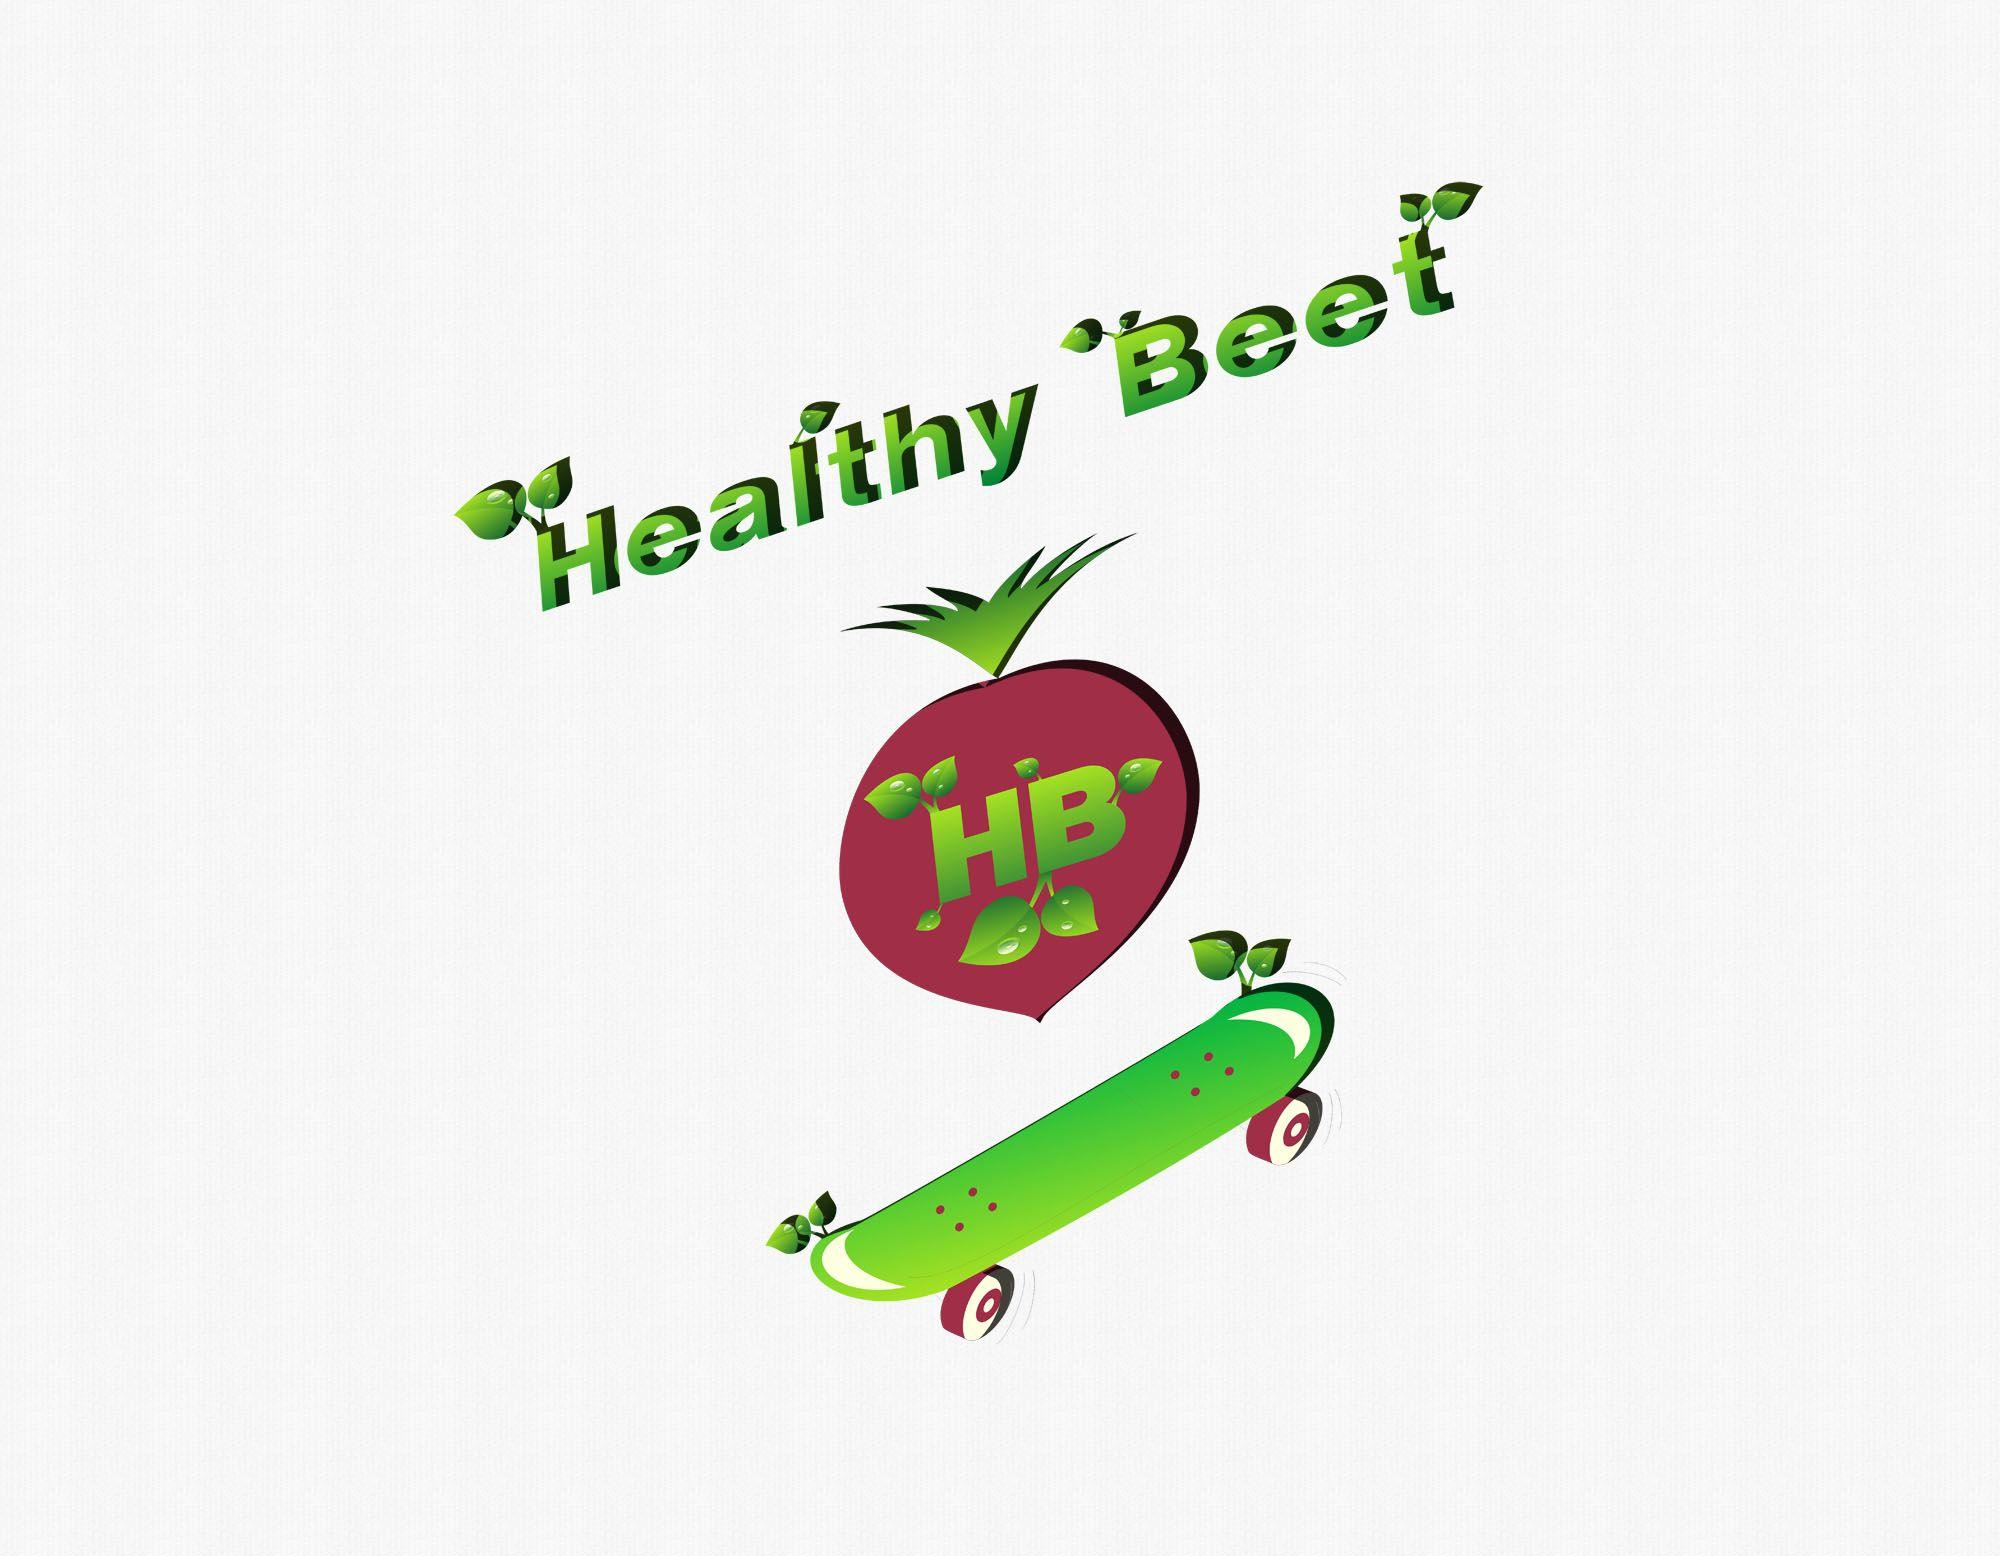 Healthy Bit или Healthy Beet - дизайнер jeckson1983